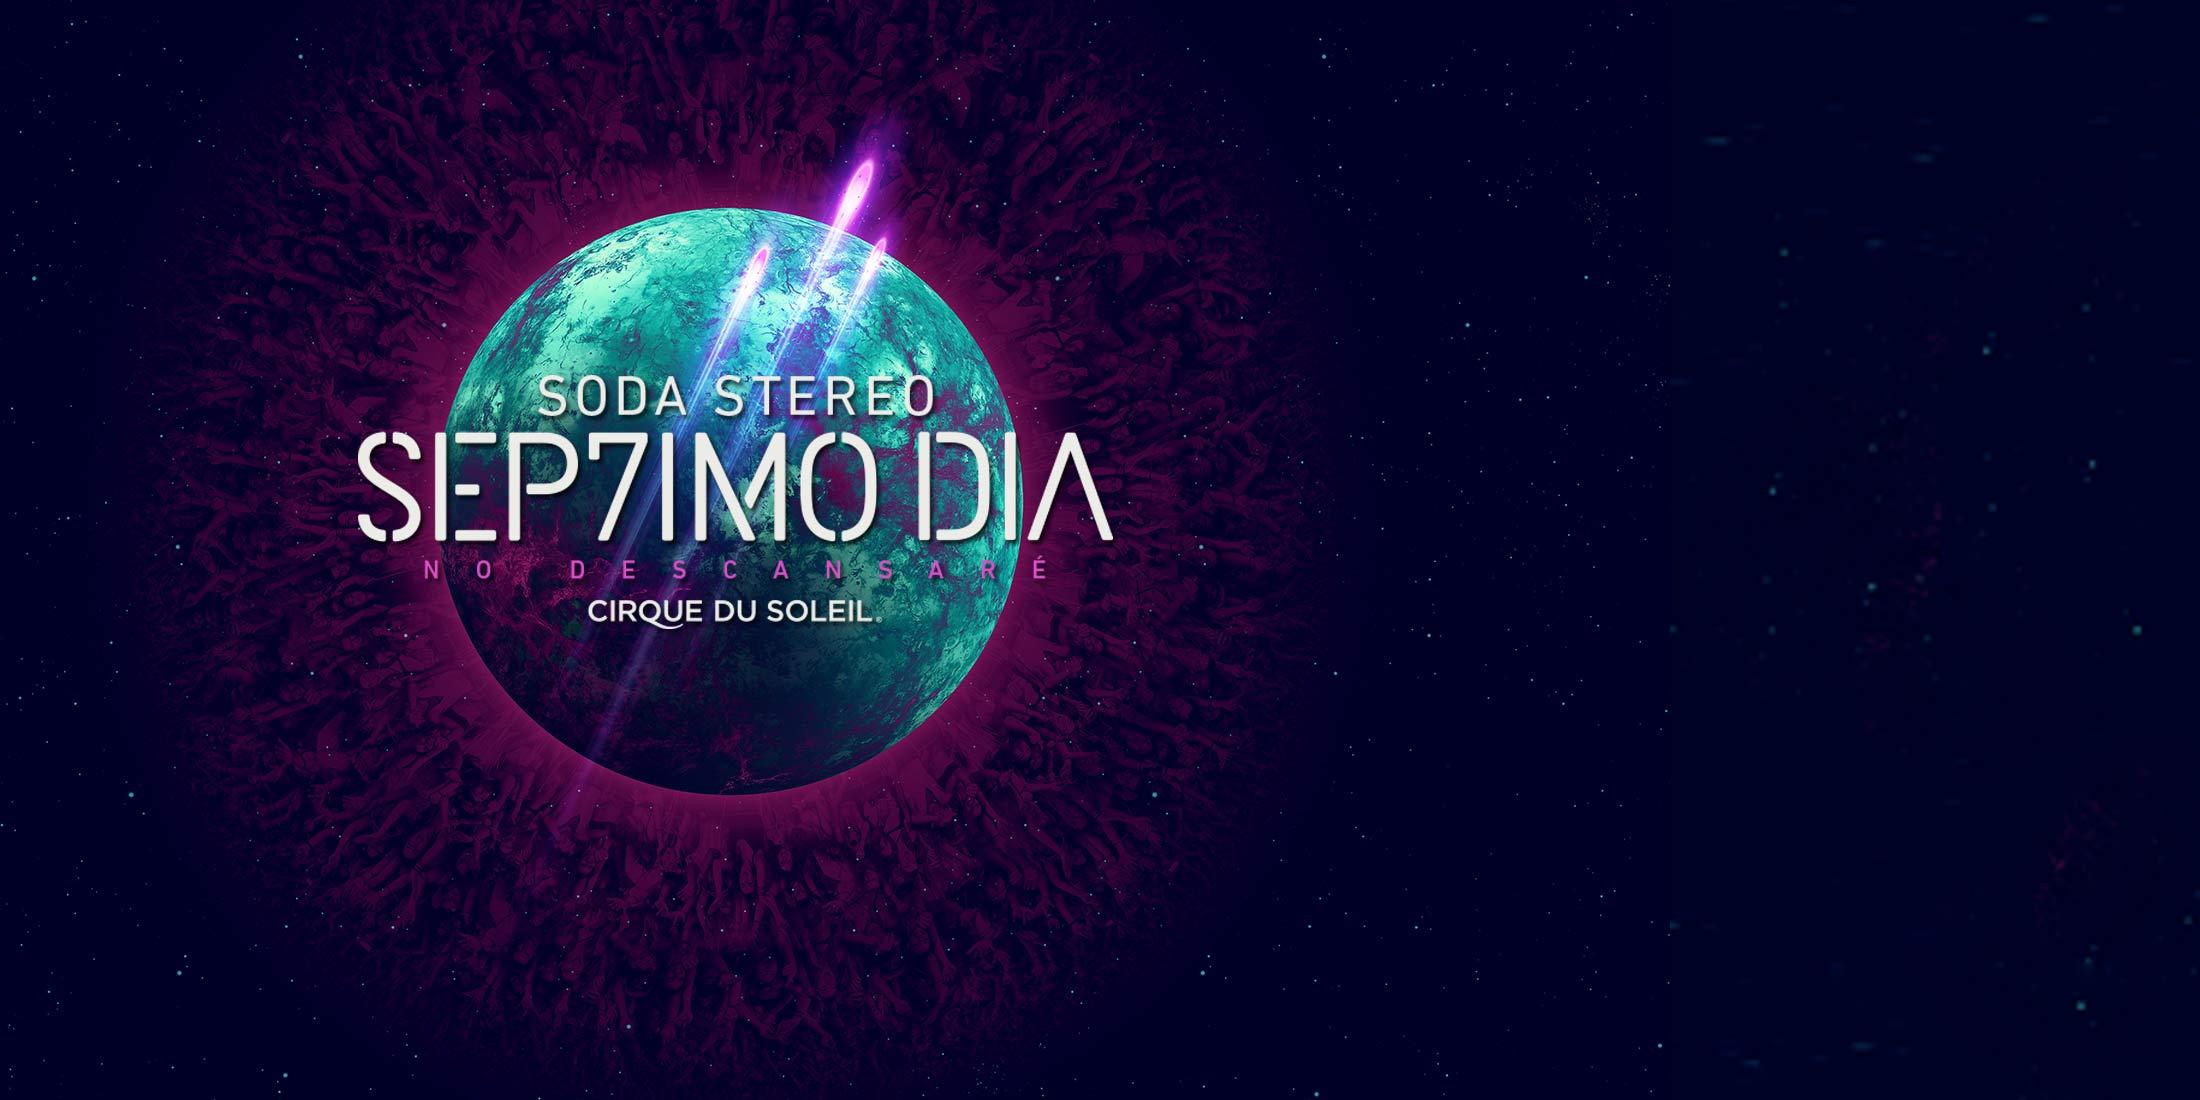 [VIDEO] Soda Stereo lanzó la nueva versión de 'En el séptimo', ¡Míralo!